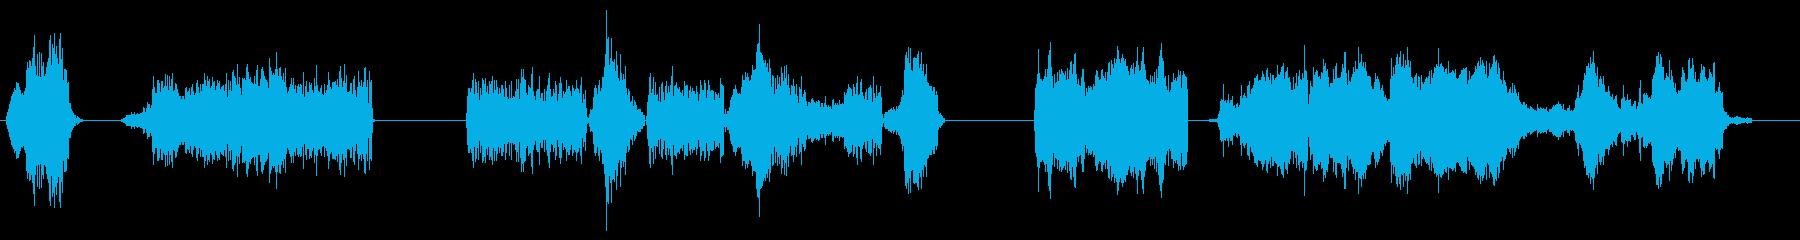 アーケードグッドガイの再生済みの波形